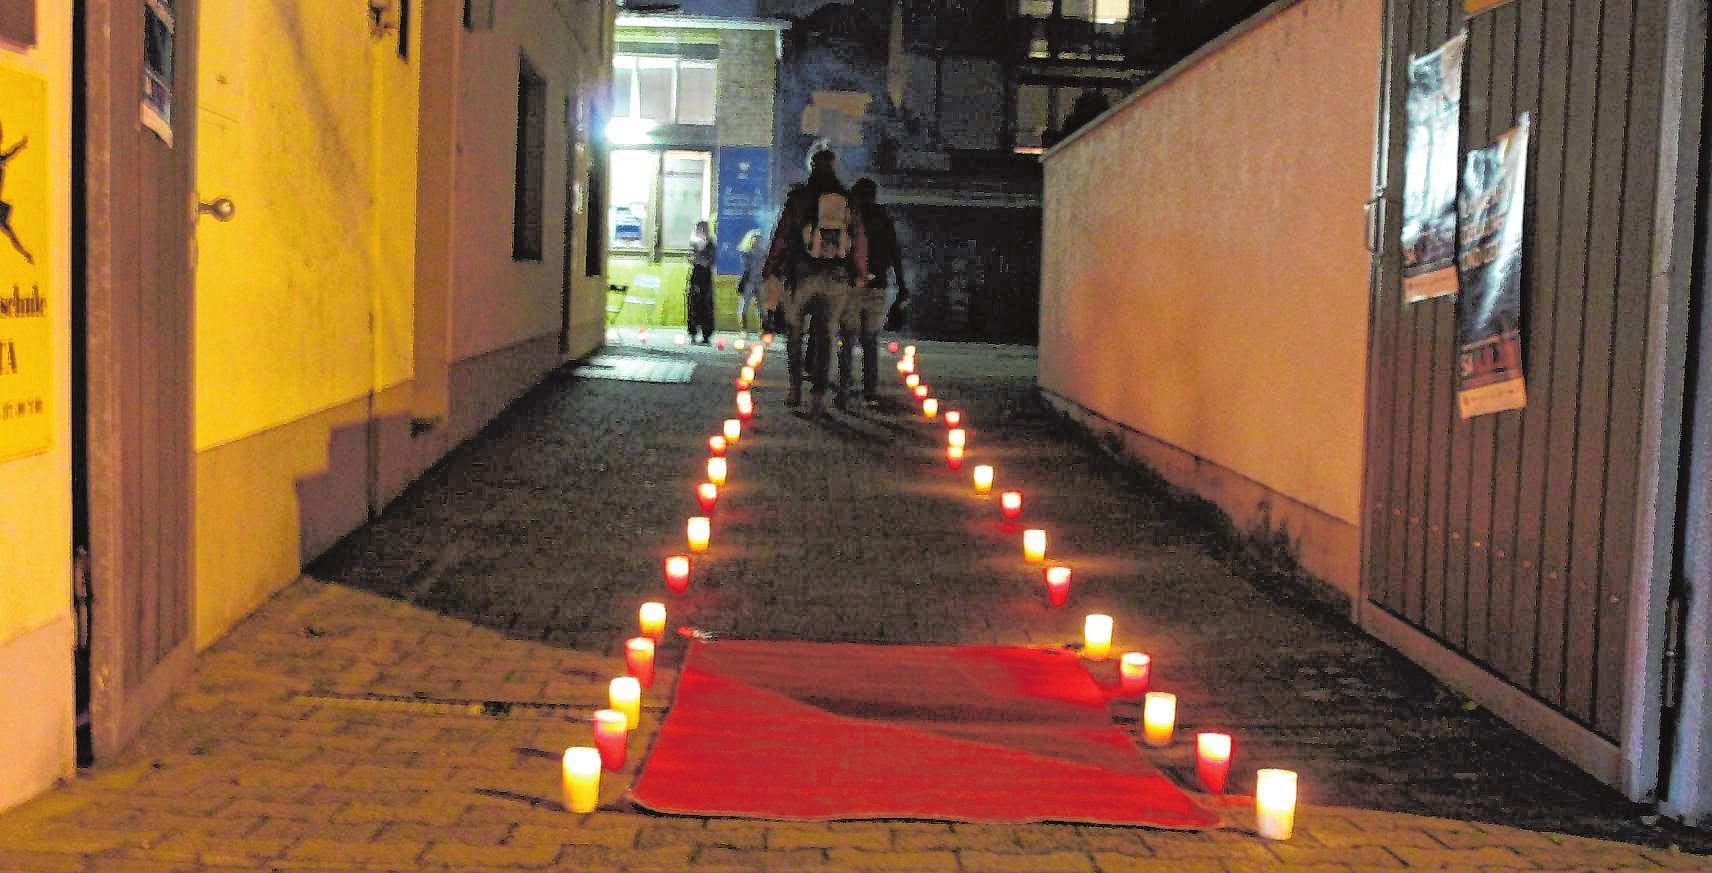 """Der rote Teppich und die Lichter sind zwei der Erkennungszeichen der teilnehmende Geschäfte für Besucher in der """"Langen Nacht der Kunst und Genüsse"""". Kleine Zierbäumchen bilden das Dritte. BILD MS"""